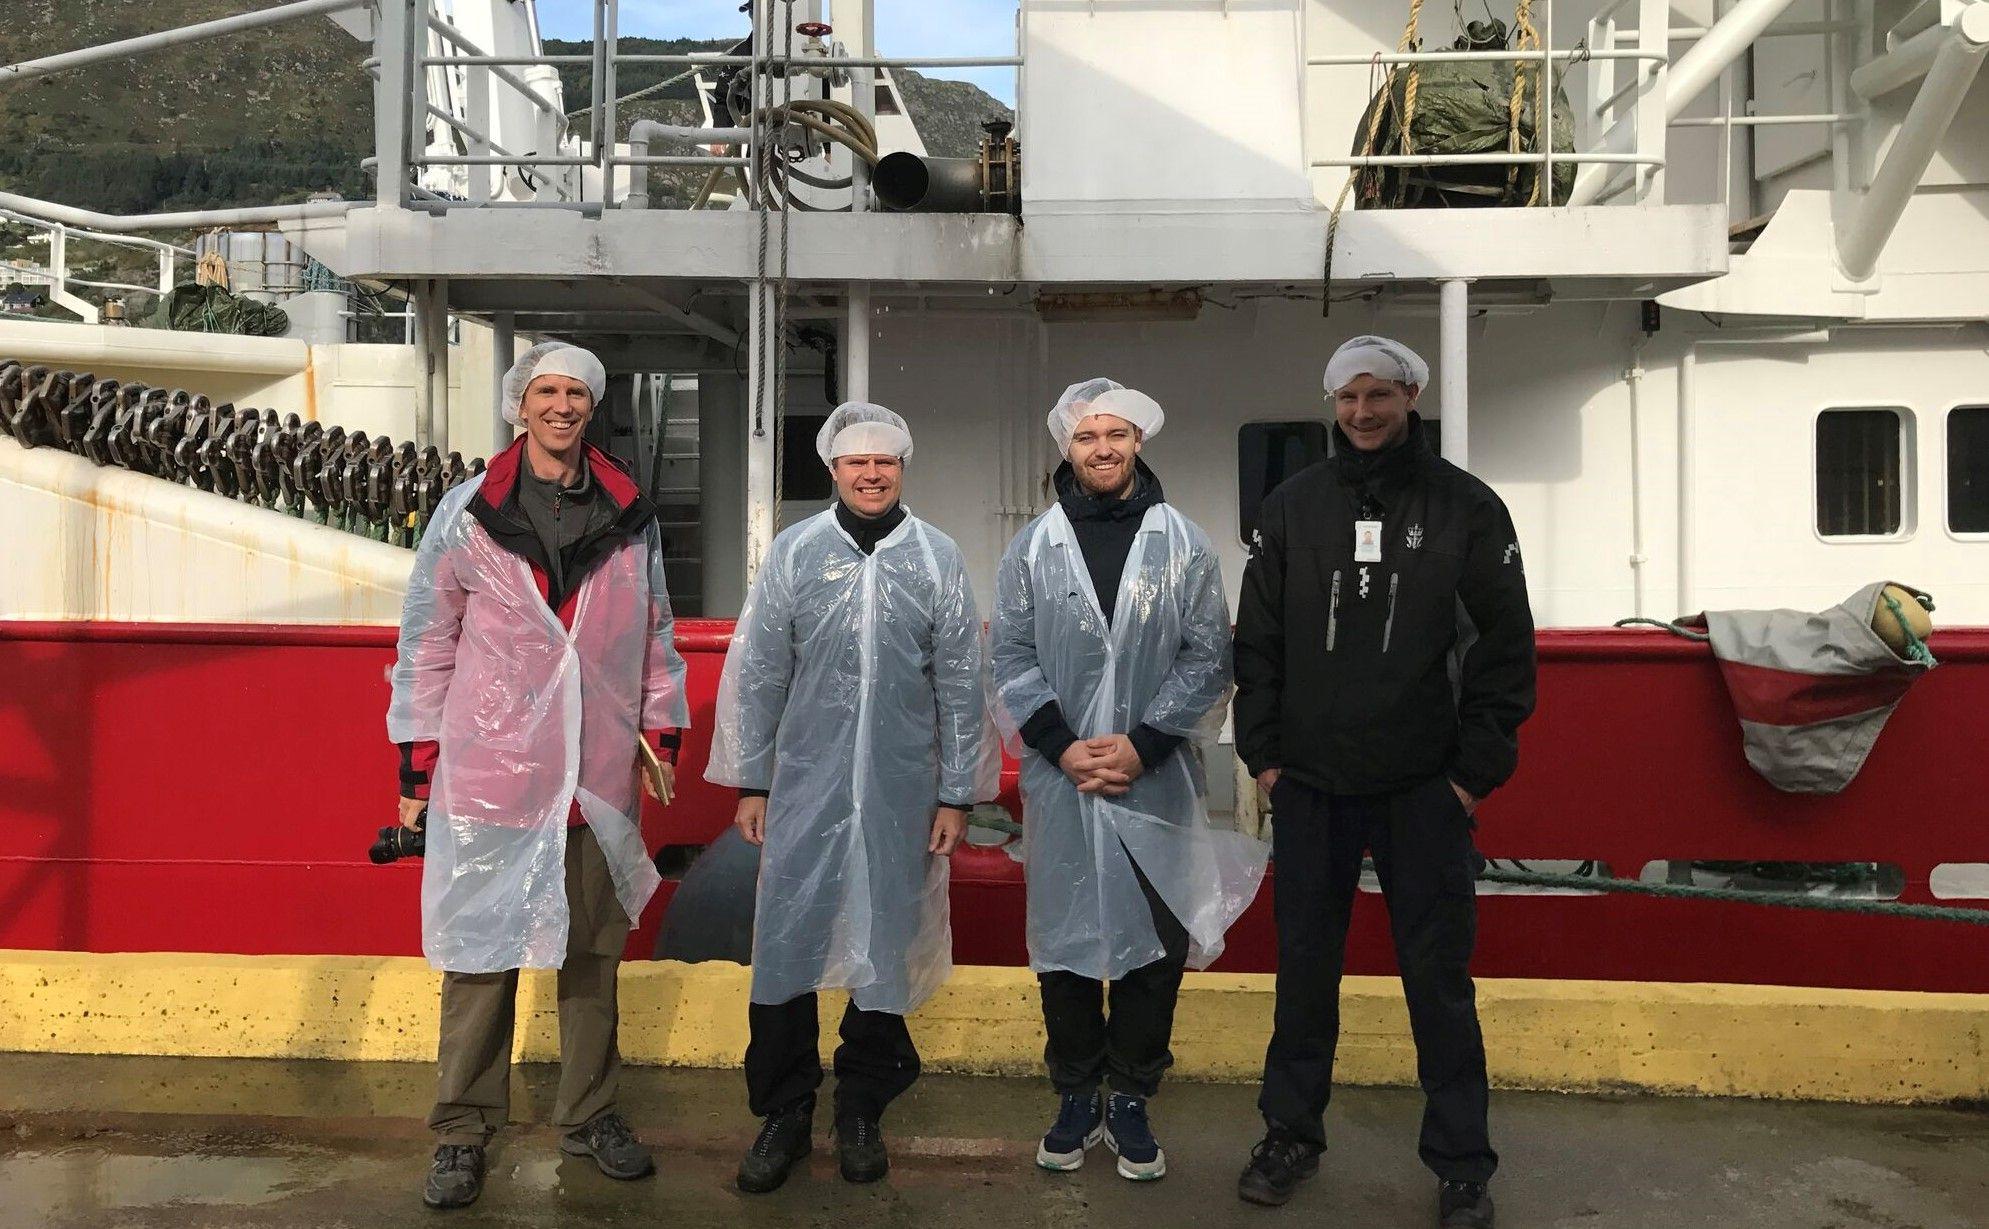 Et tidlig prosjektteam på befaring. Torstein, Anders, Hans-Jørgen og xxx fra Fisk